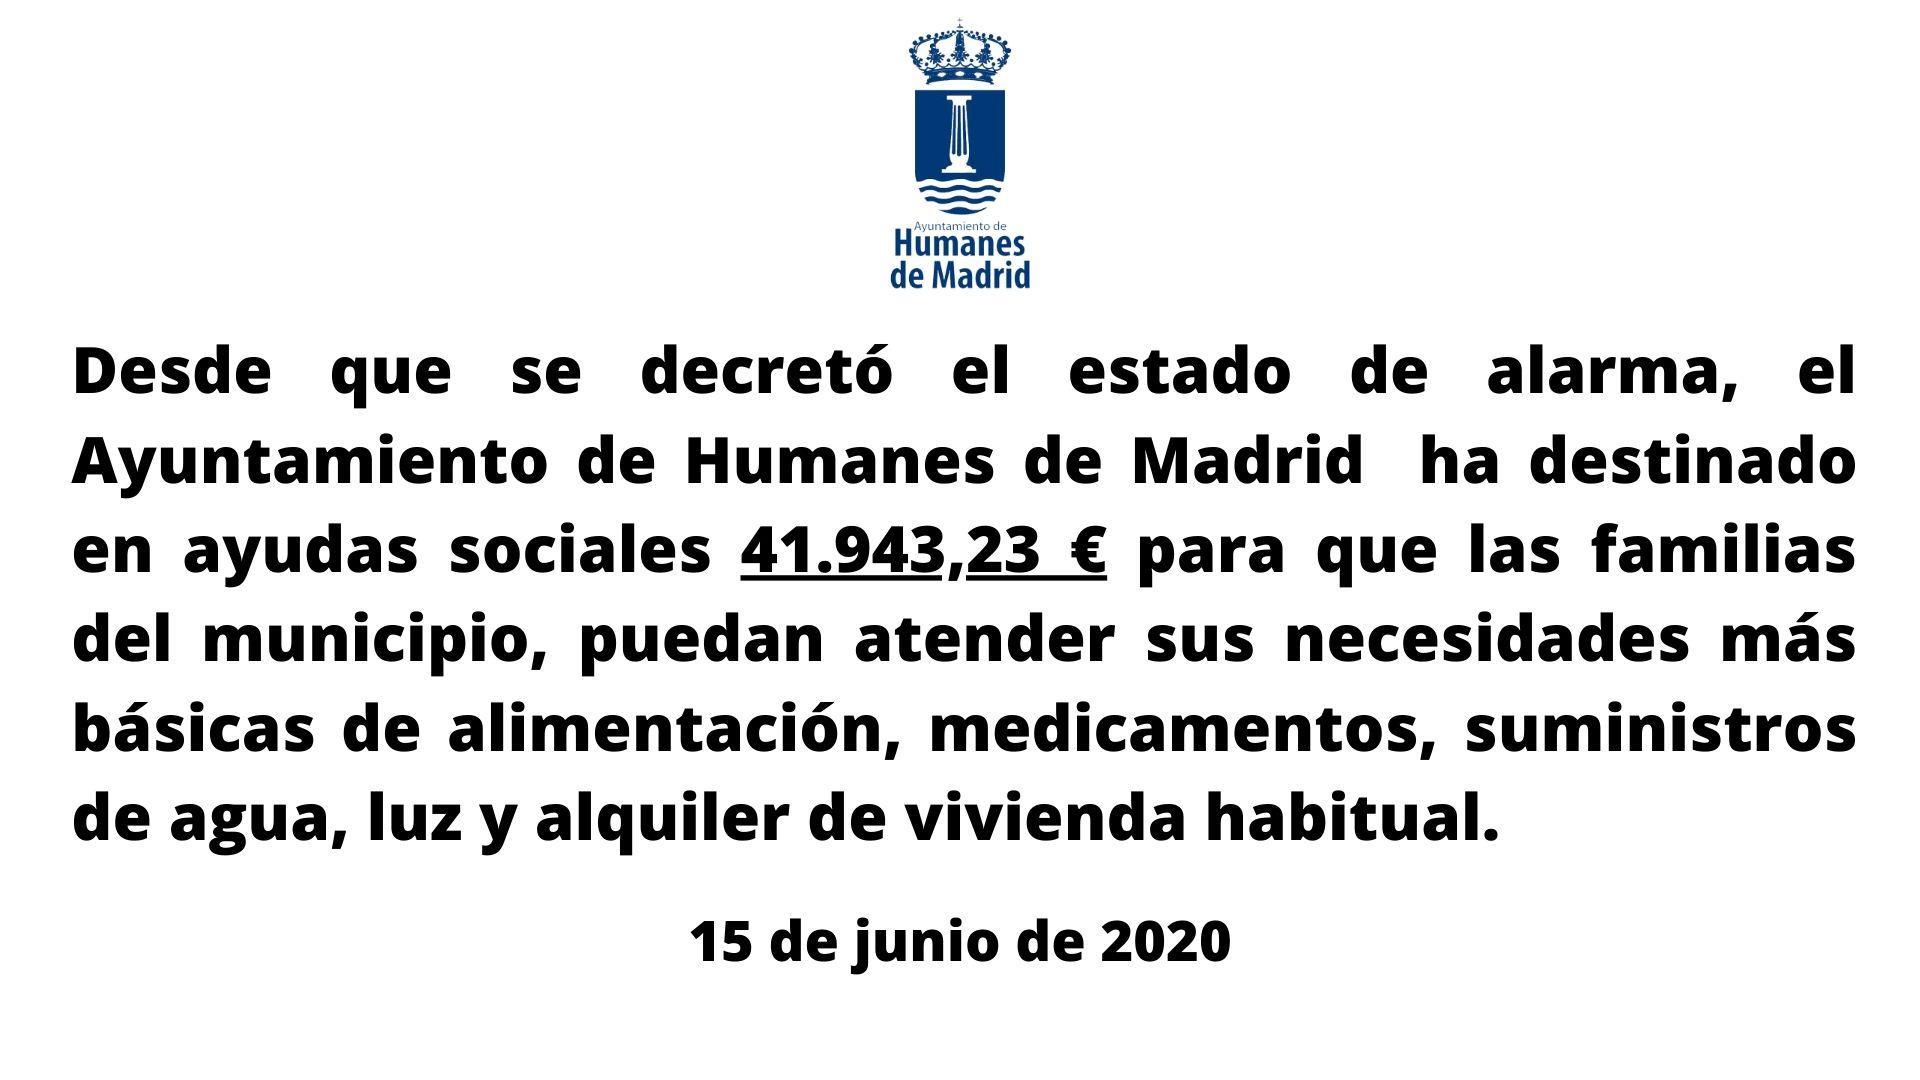 Ayudas sociales para las familias de Humanes de Madrid